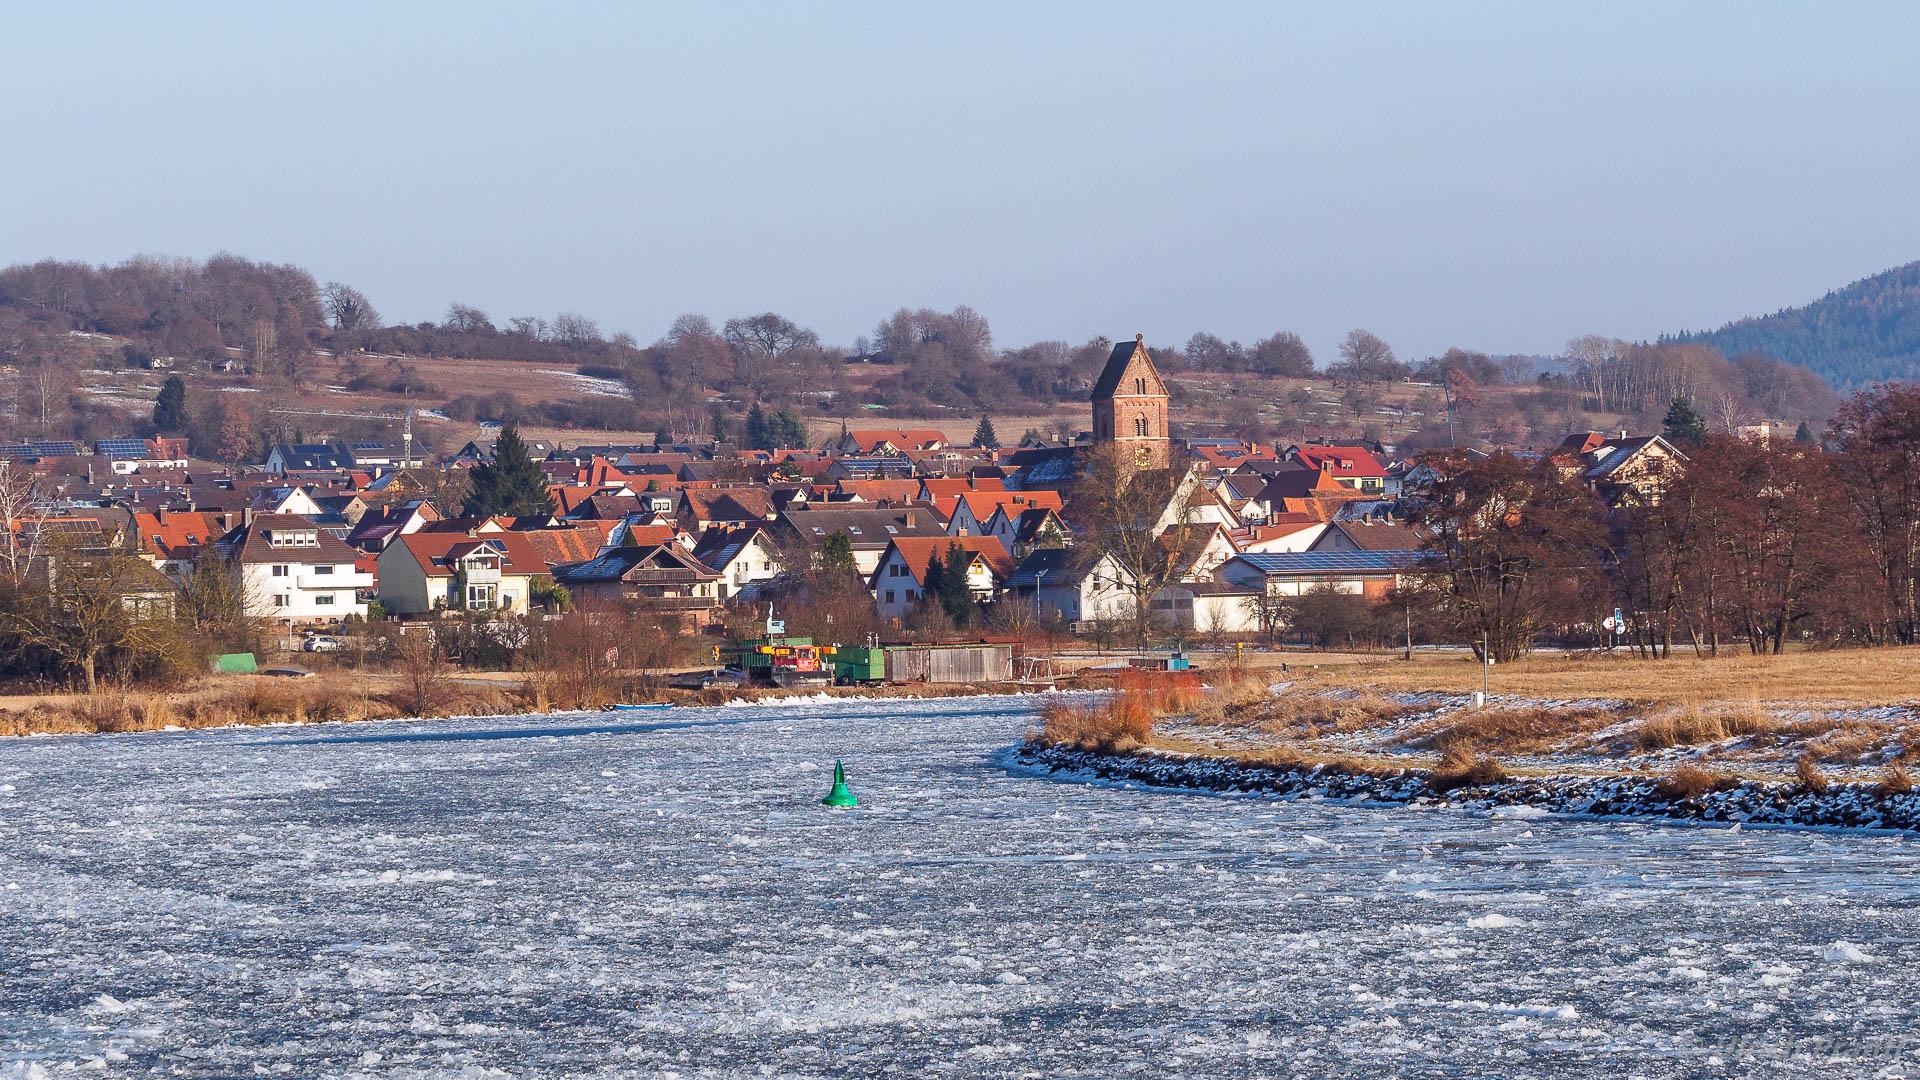 Dorfprozelten im Winter